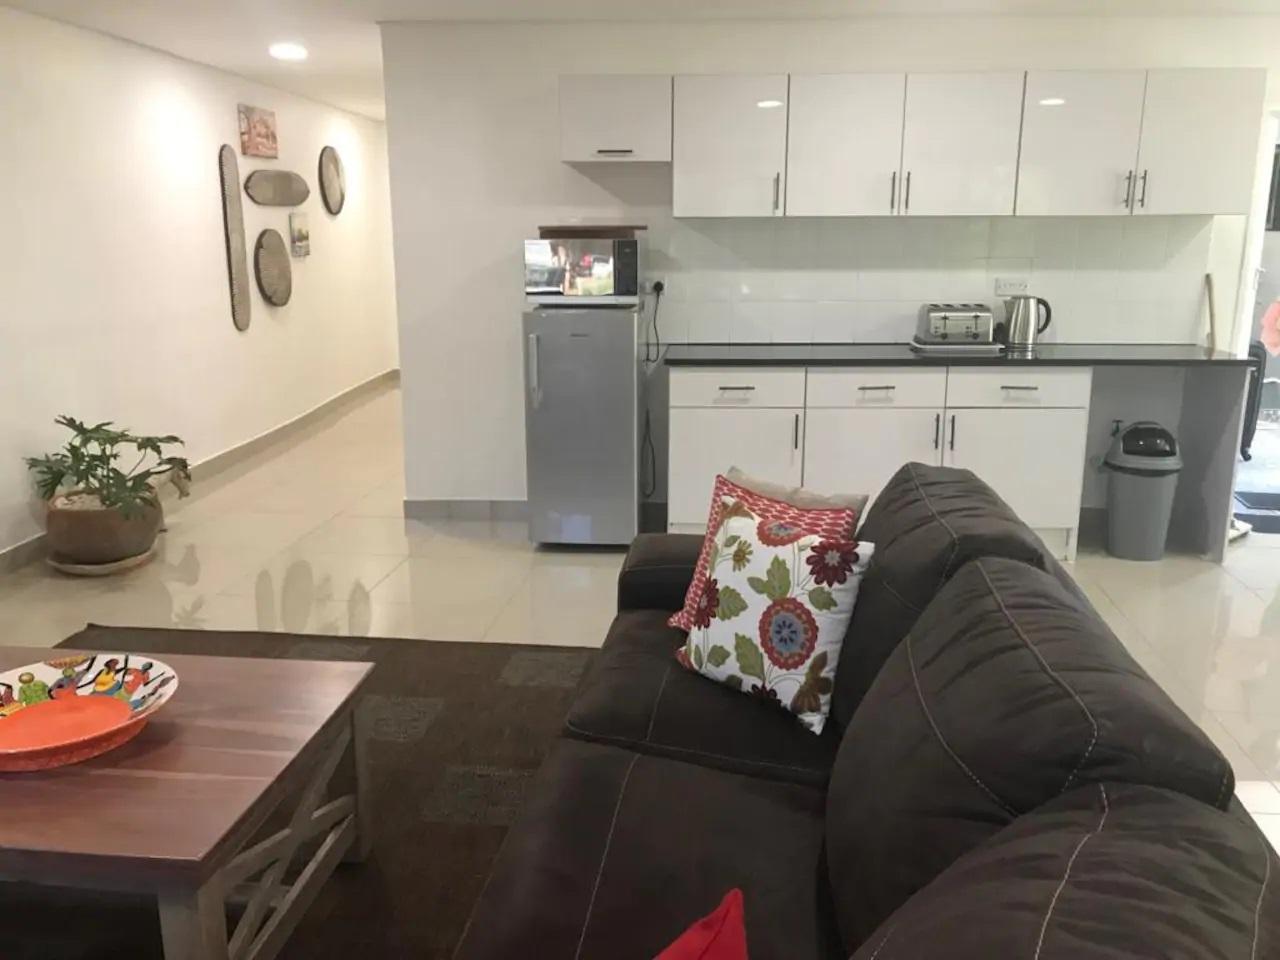 251 Apartment